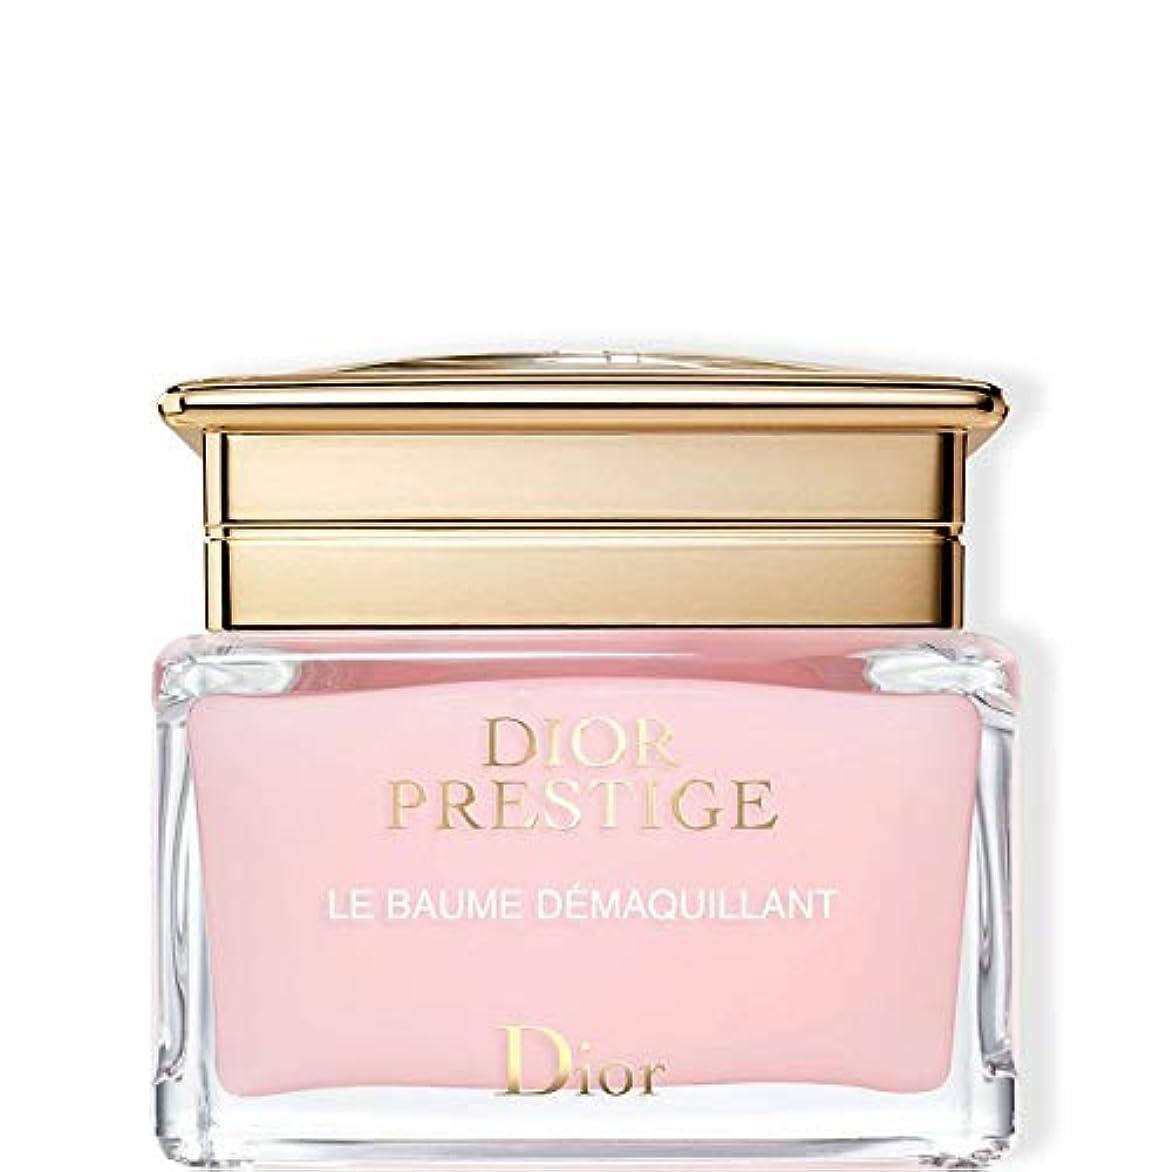 アボートアイロニー汚染Dior(ディオール) プレステージ ル バーム デマキャント 150mL